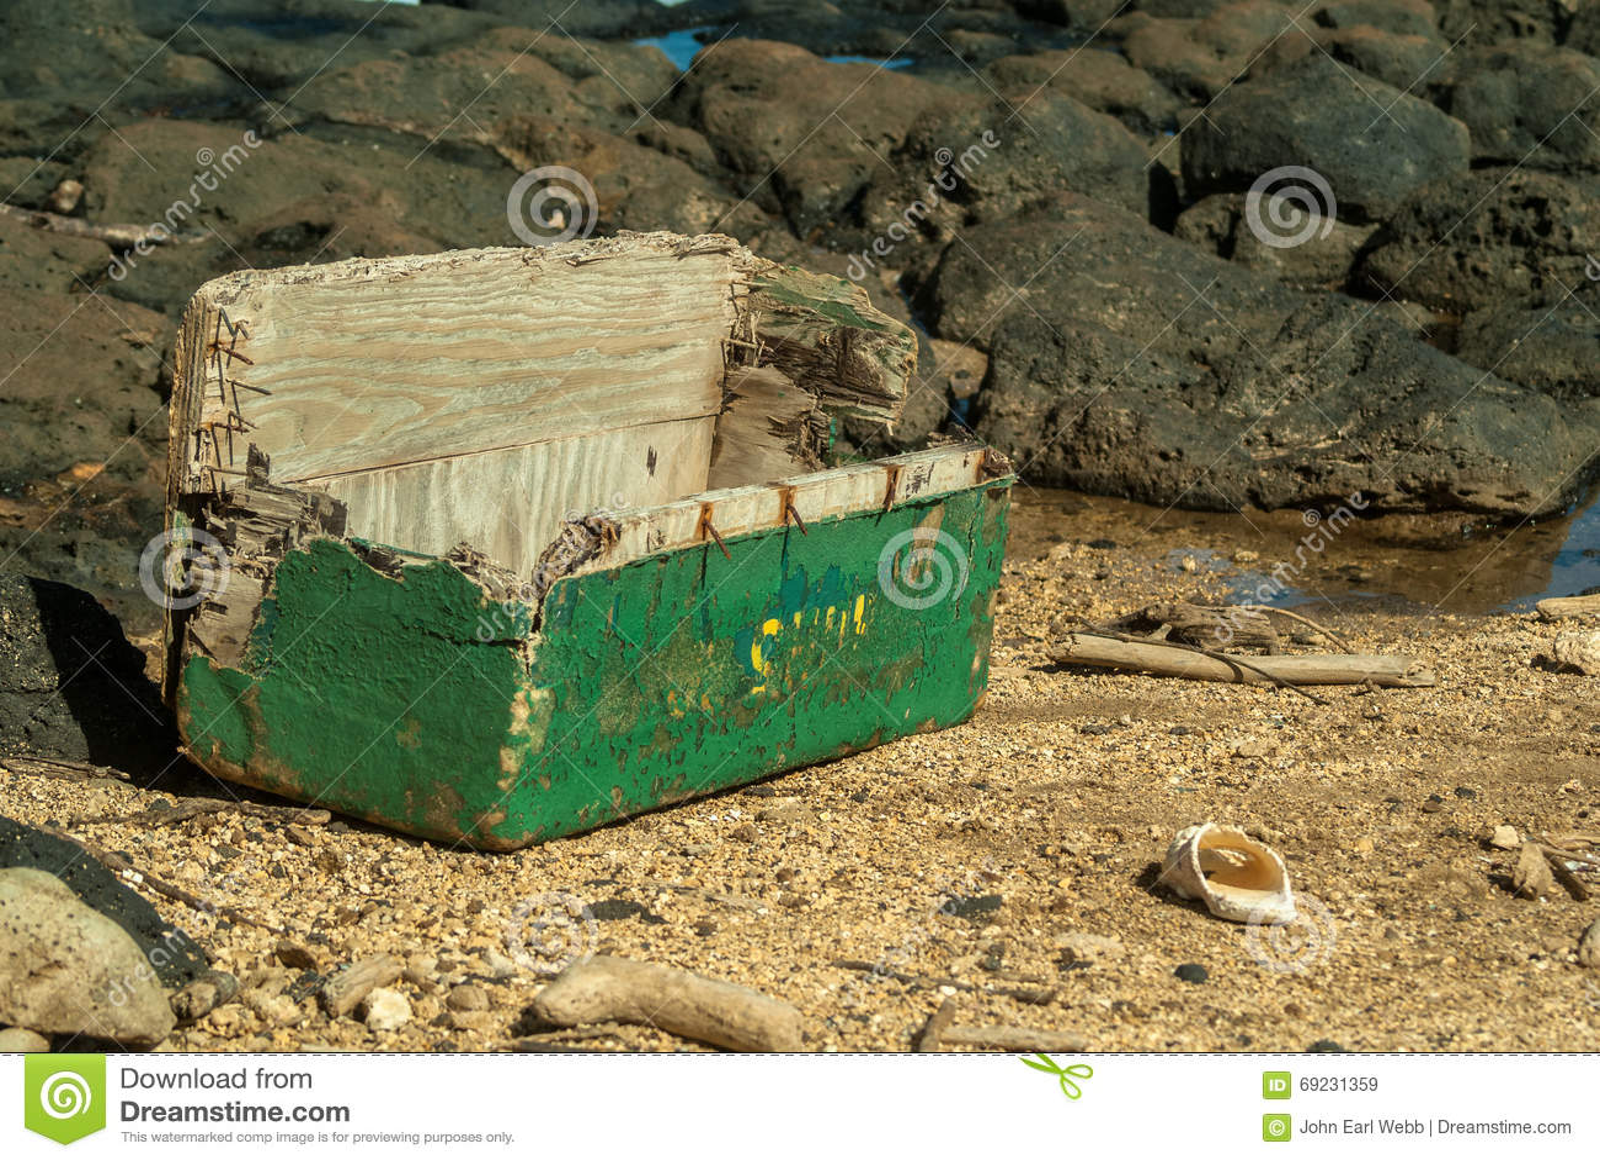 Drewniana klatka piersiowa kasłał up ocean głębiami